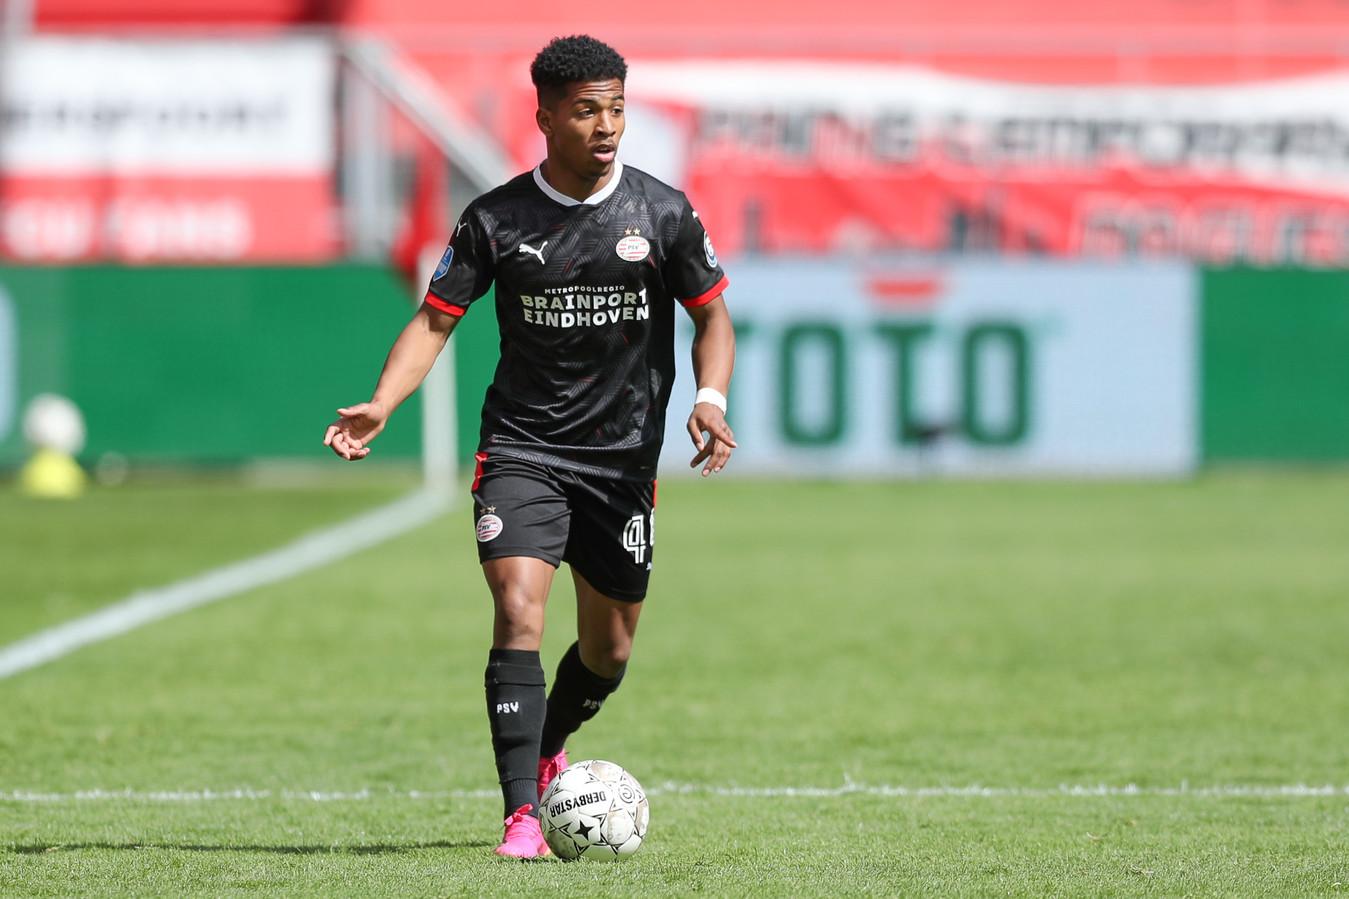 Shurandy Sambo viel in de 77ste minuut in tegen FC Utrecht.